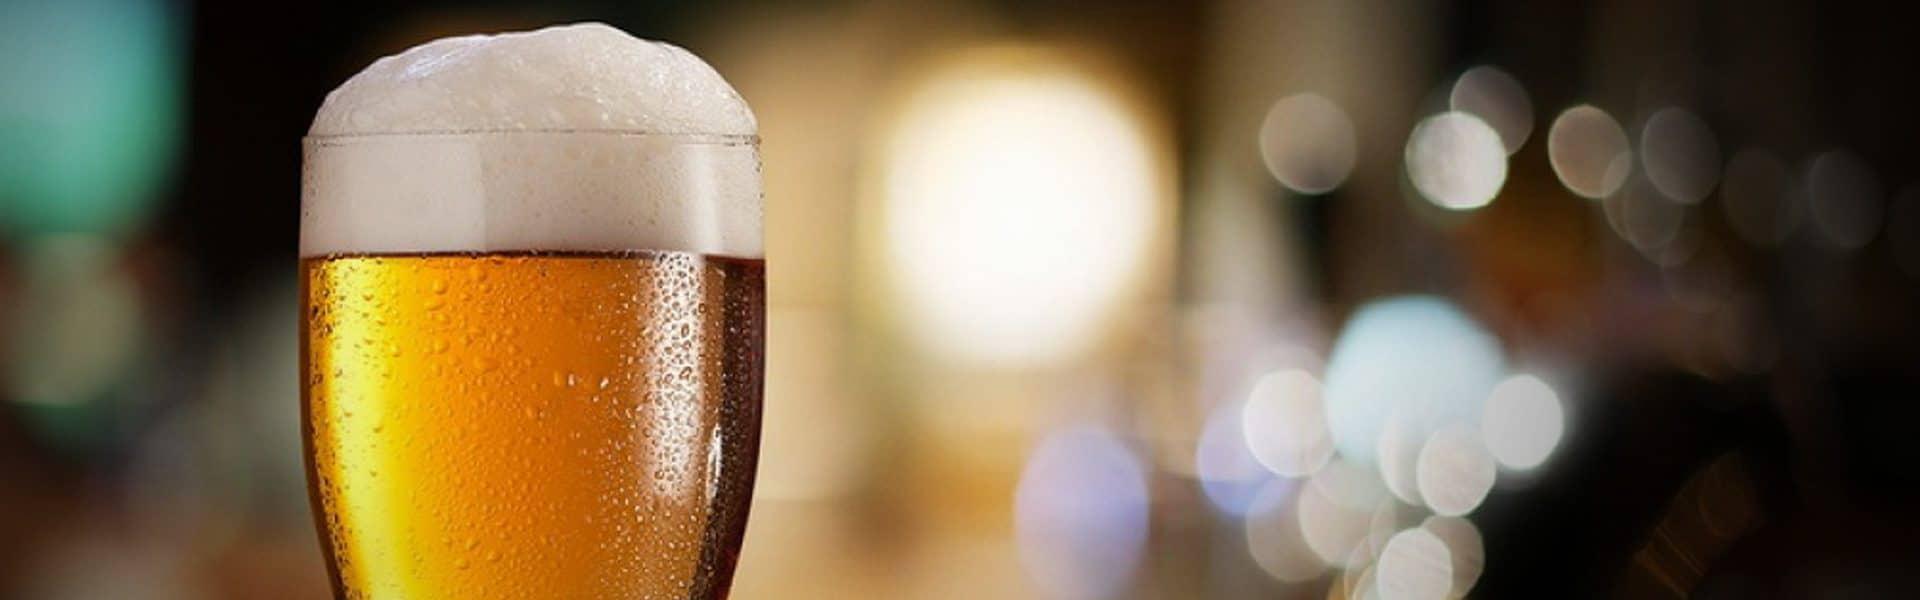 blog-21-livros-para-entender-sobre-cerveja-e-fazer-a-sua-propria-2